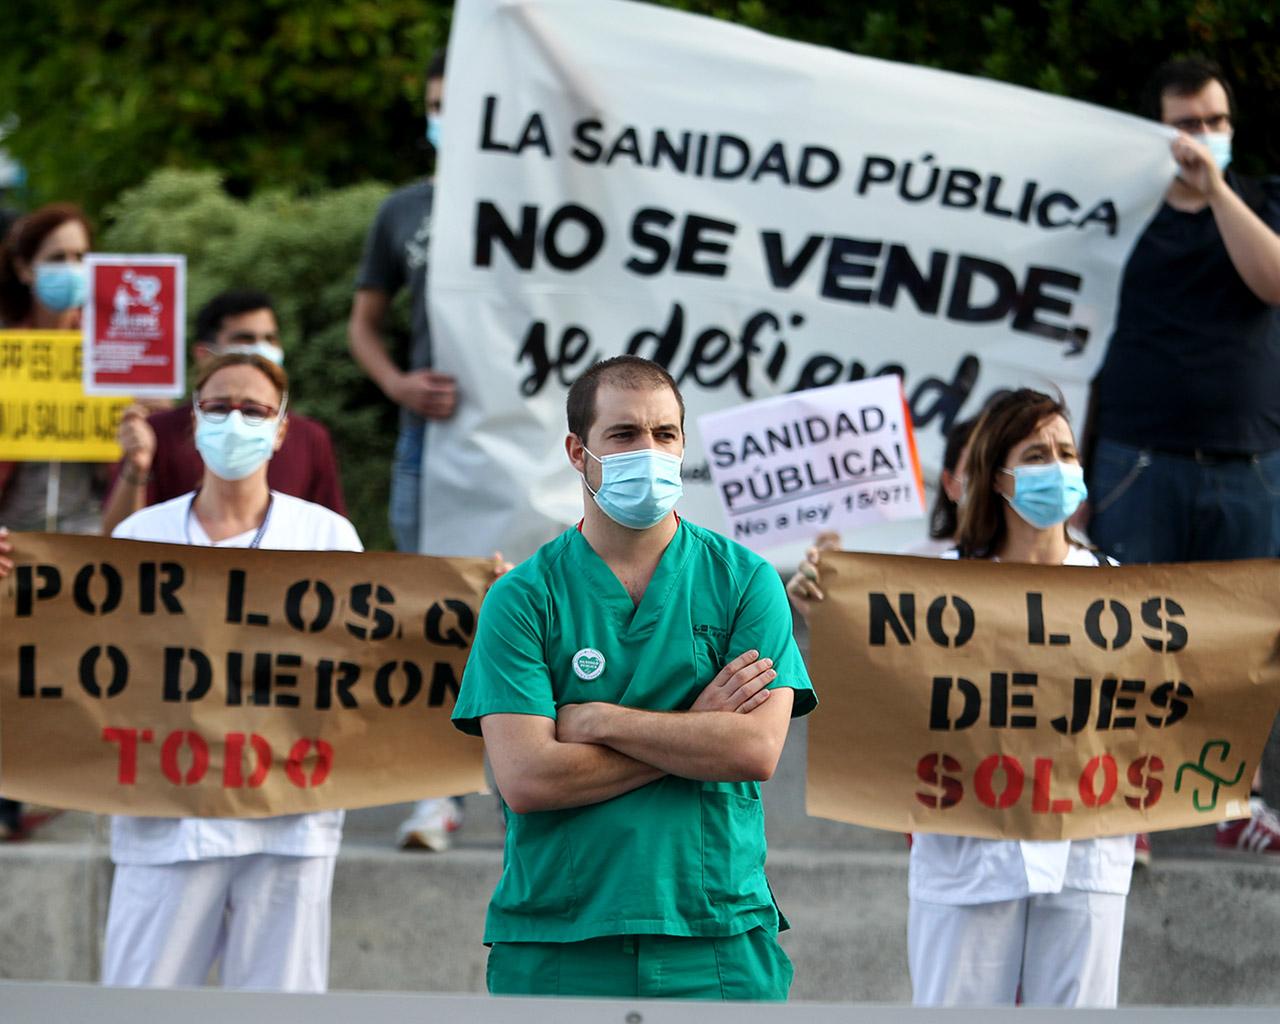 Concentración del personal sanitario en apoyo a la sanidad pública. Hospital La Paz. 15/06/2020.